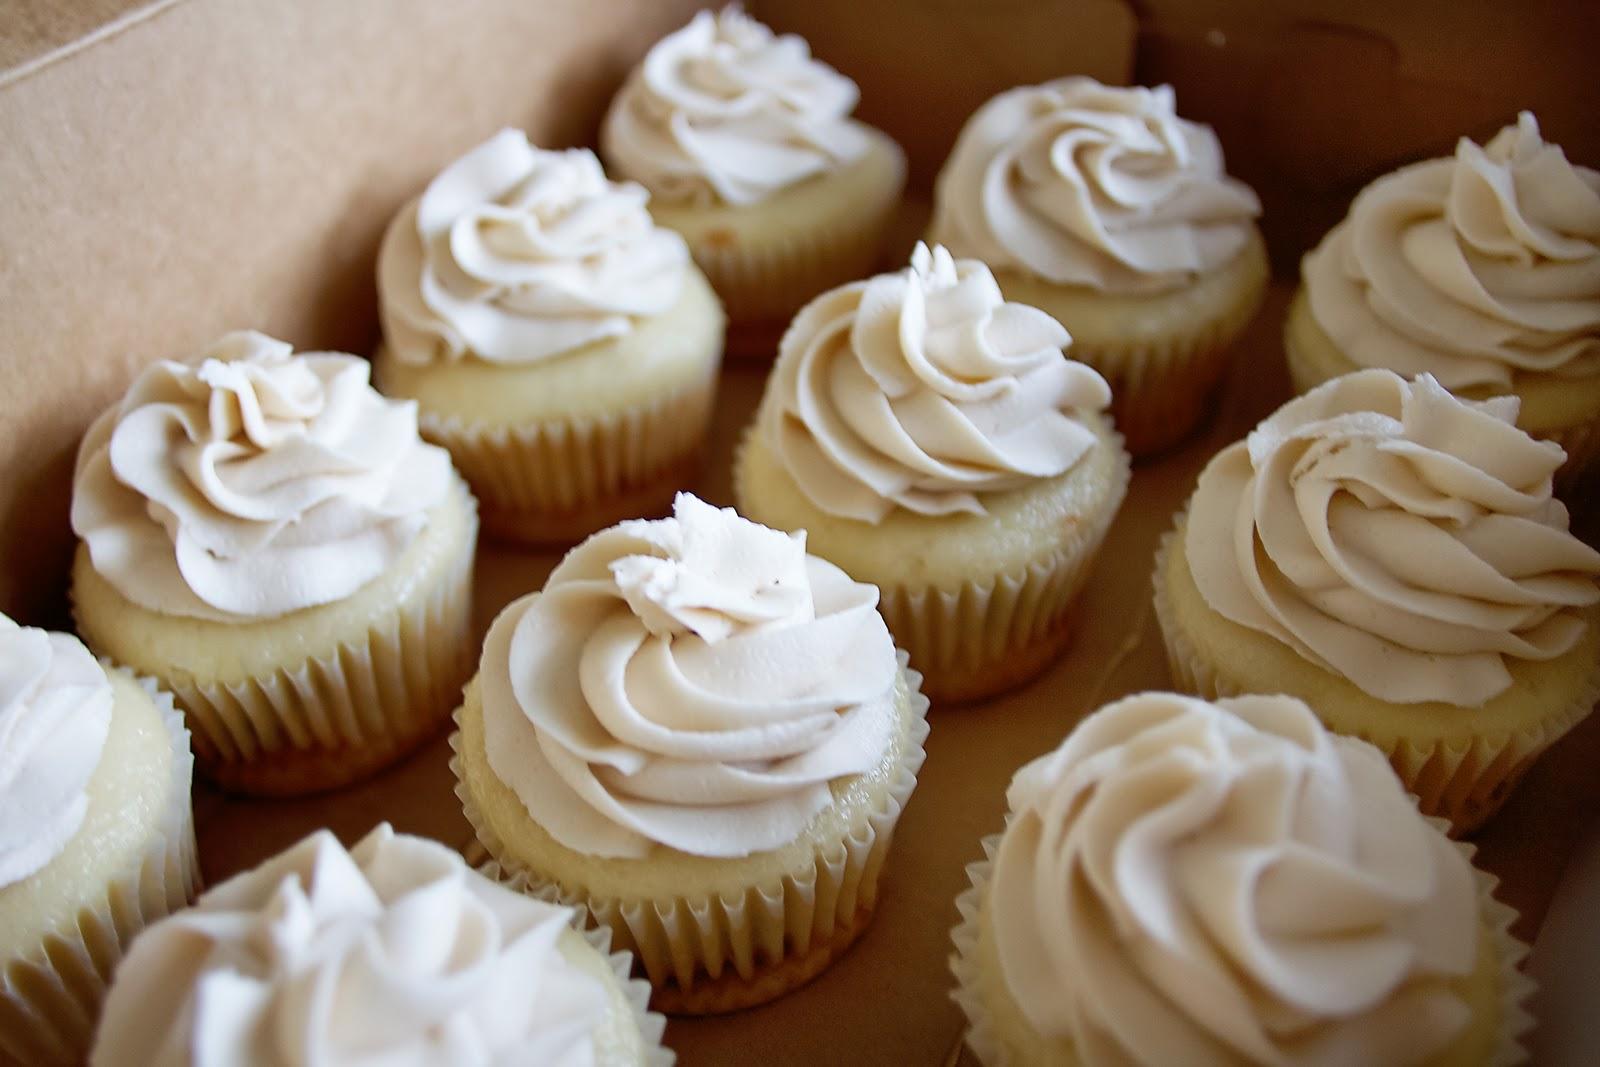 Simply Cupcakes: Carrot Cake and Caramel Pecan Cupcakes